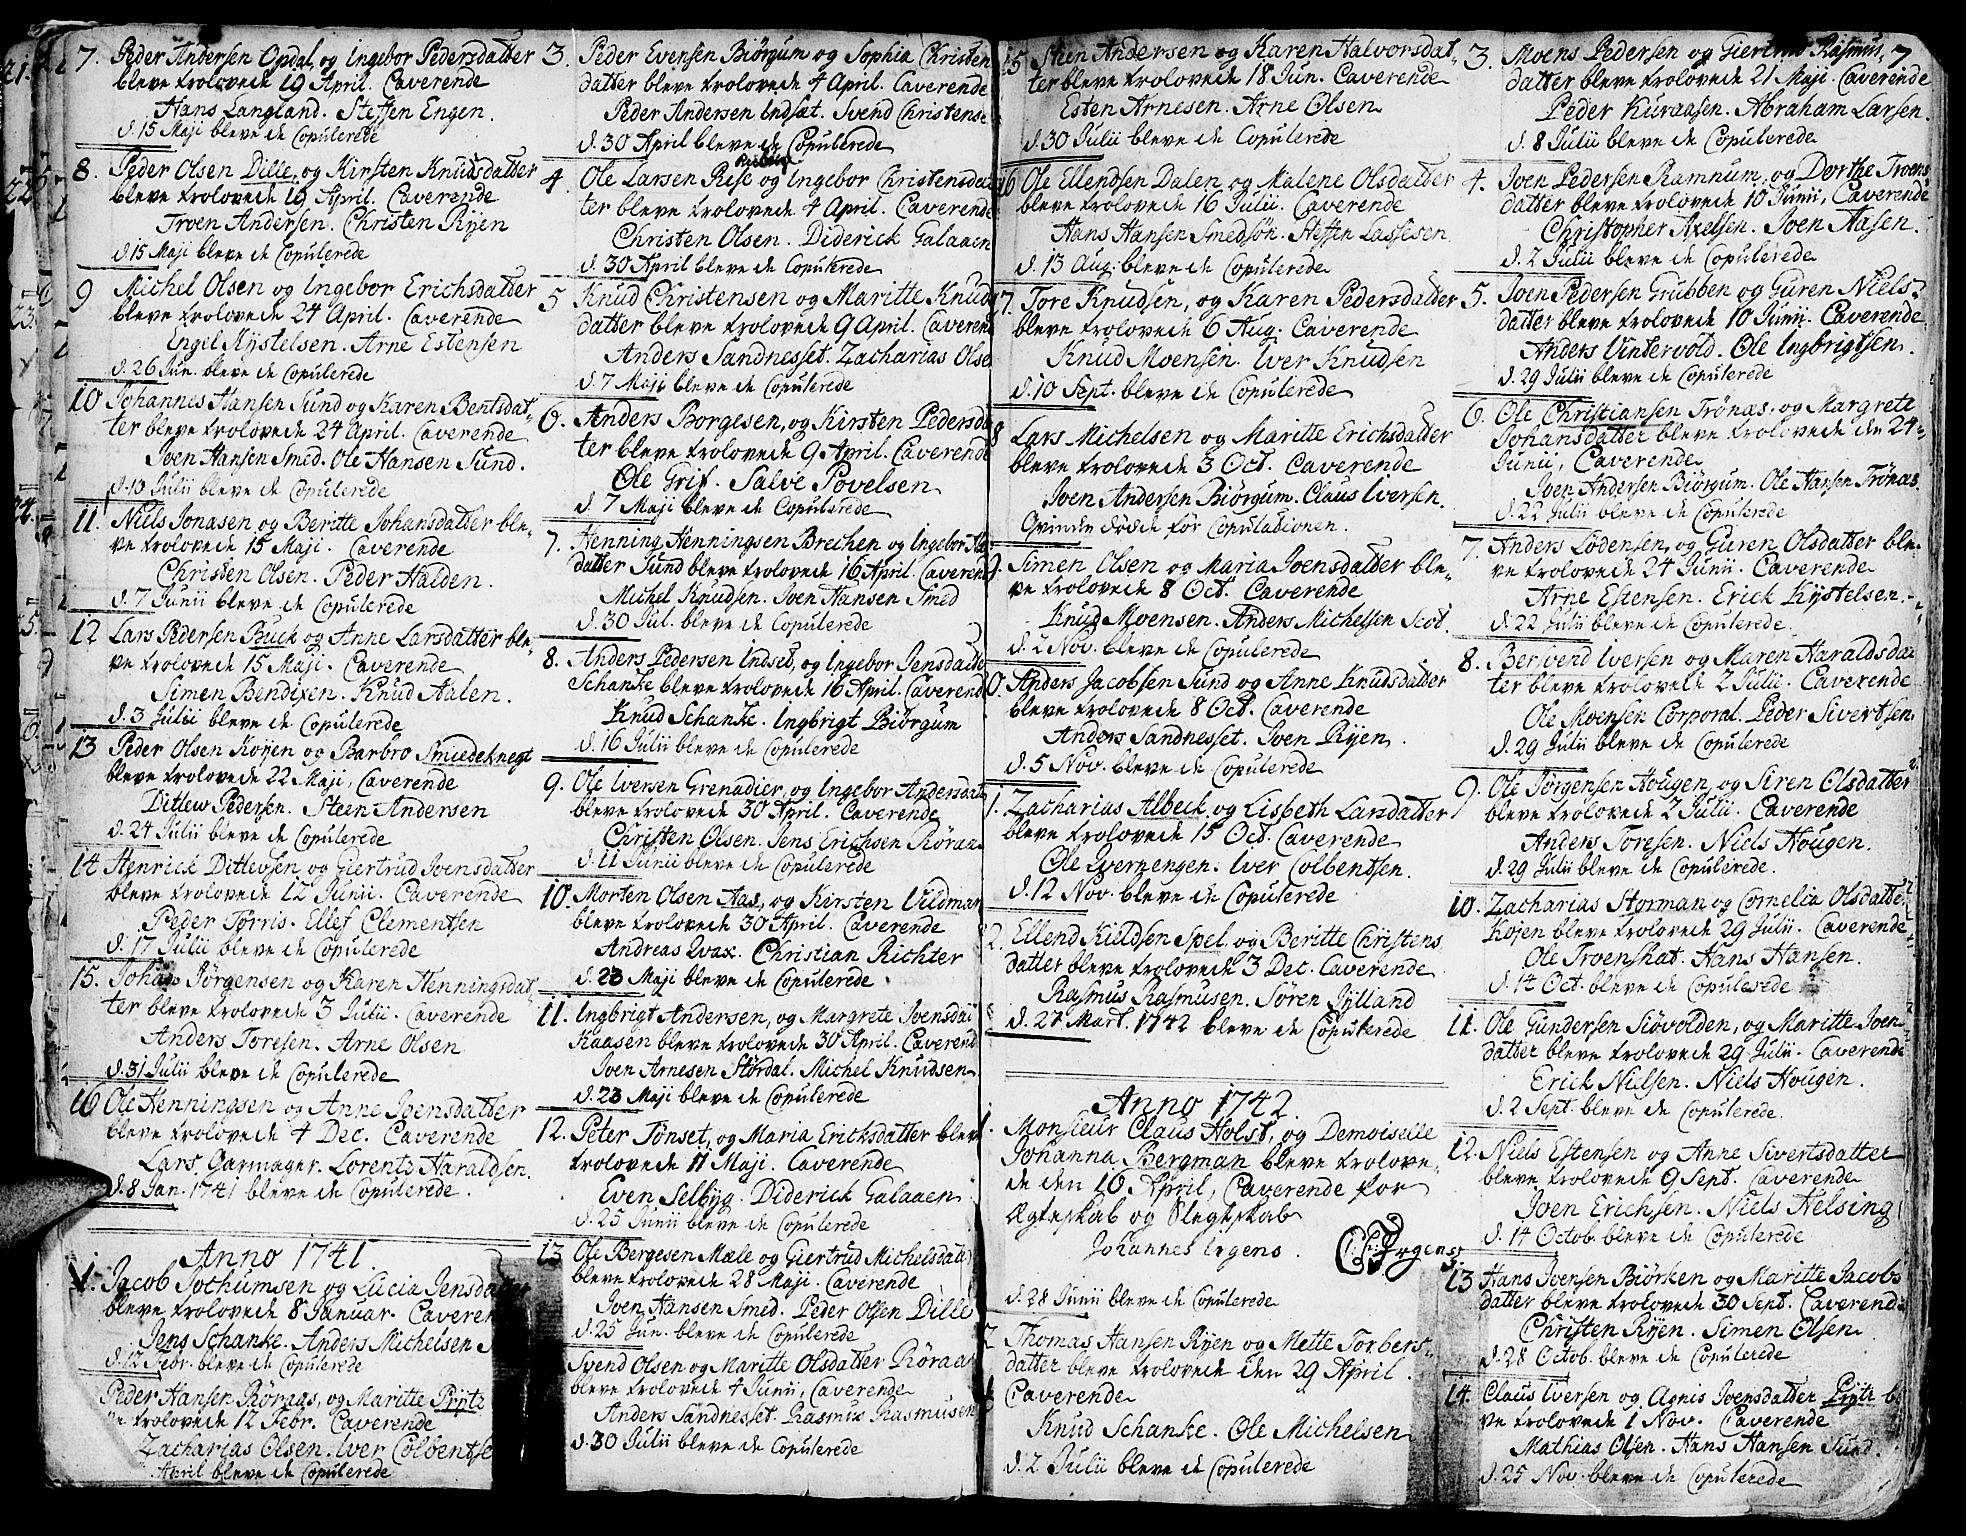 SAT, Ministerialprotokoller, klokkerbøker og fødselsregistre - Sør-Trøndelag, 681/L0925: Ministerialbok nr. 681A03, 1727-1766, s. 7